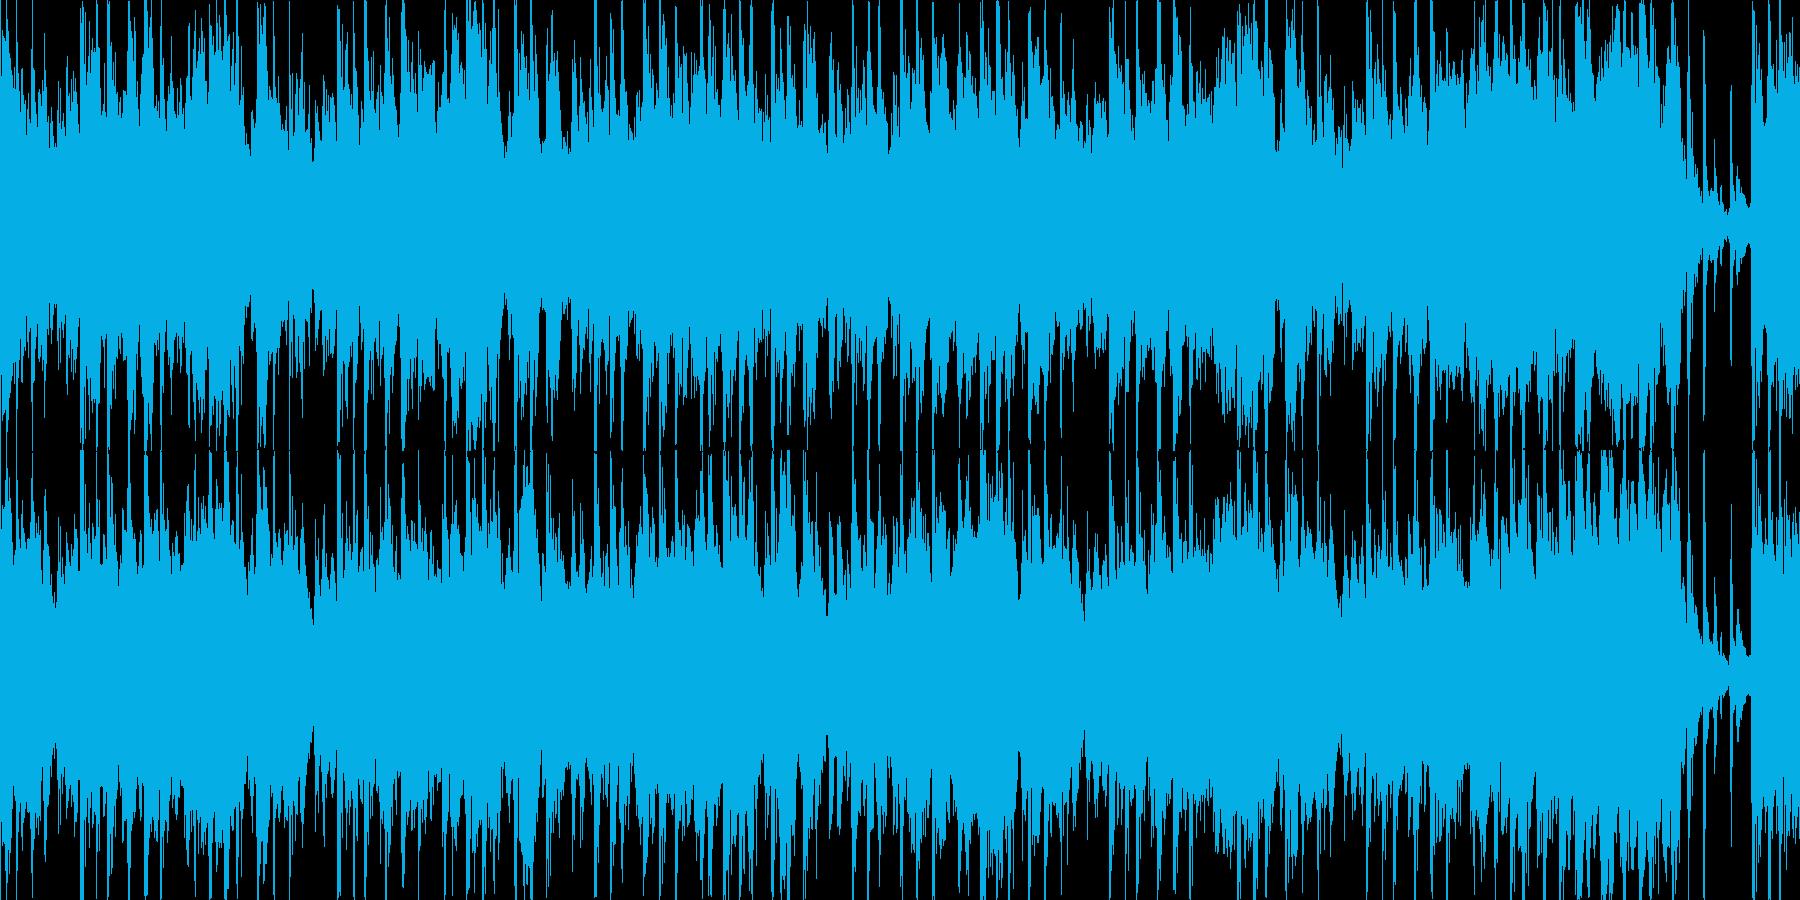 【ループ】明るい、ほのぼのした日常テーマの再生済みの波形